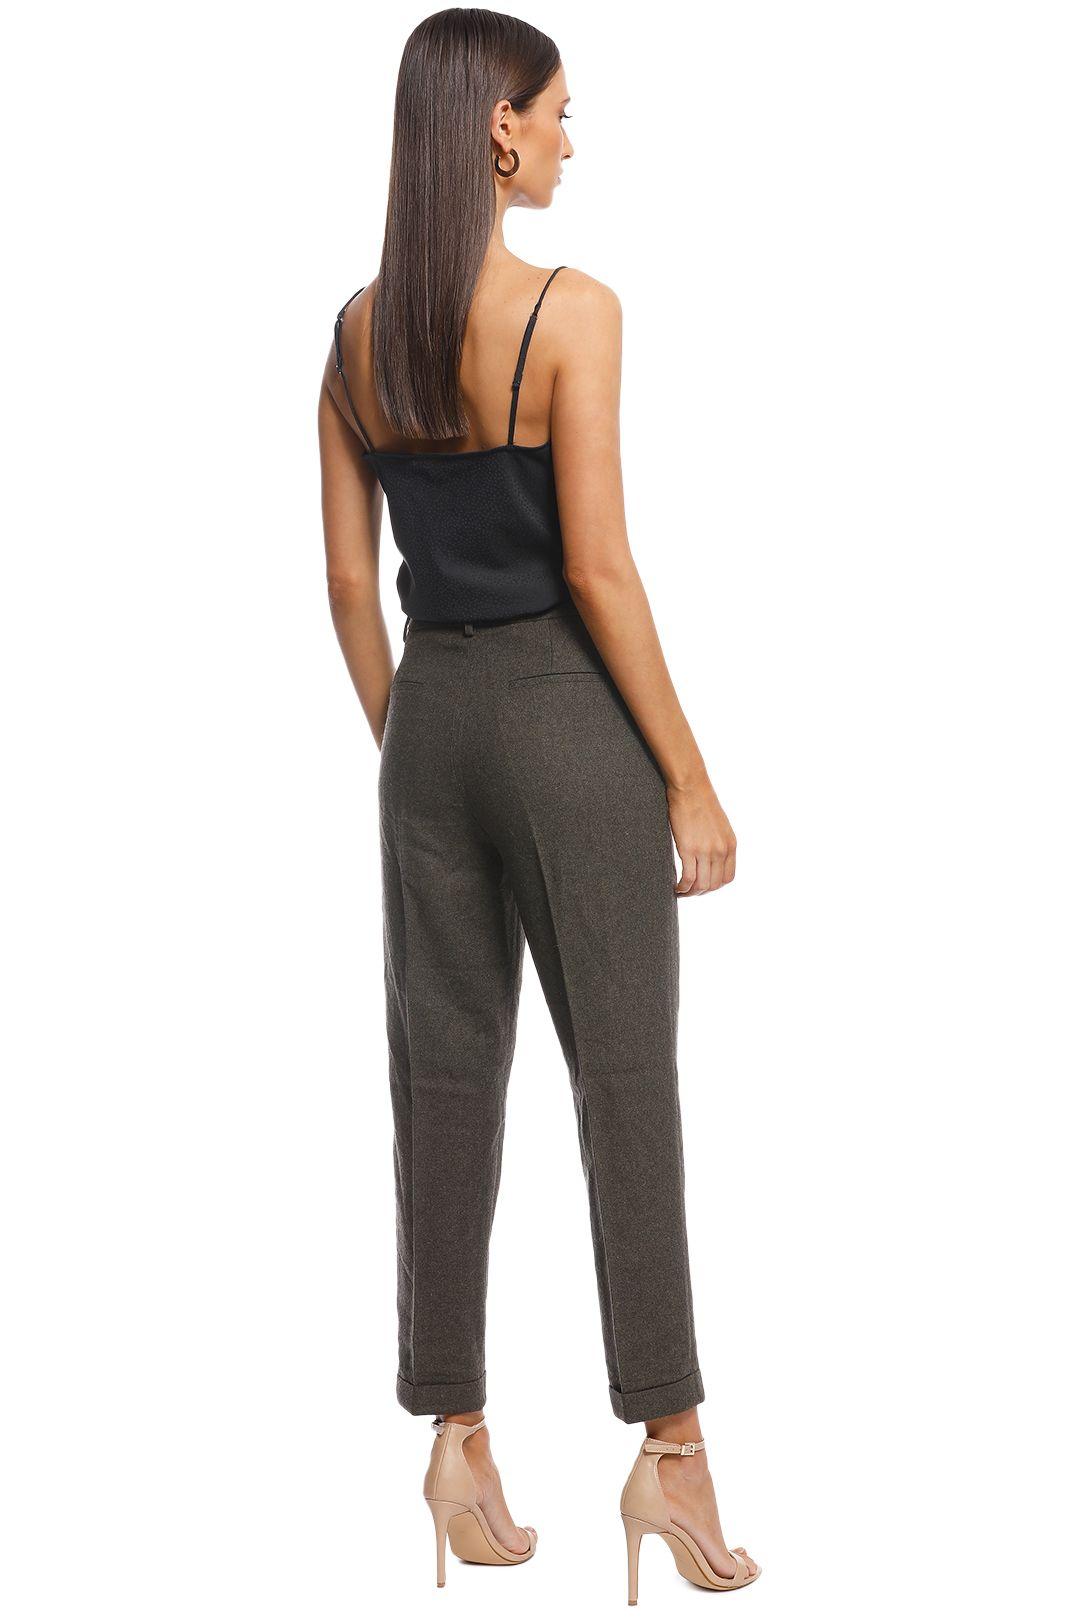 Friend of Audrey - Ellen Wool 7/8 Trousers - Khaki - Back